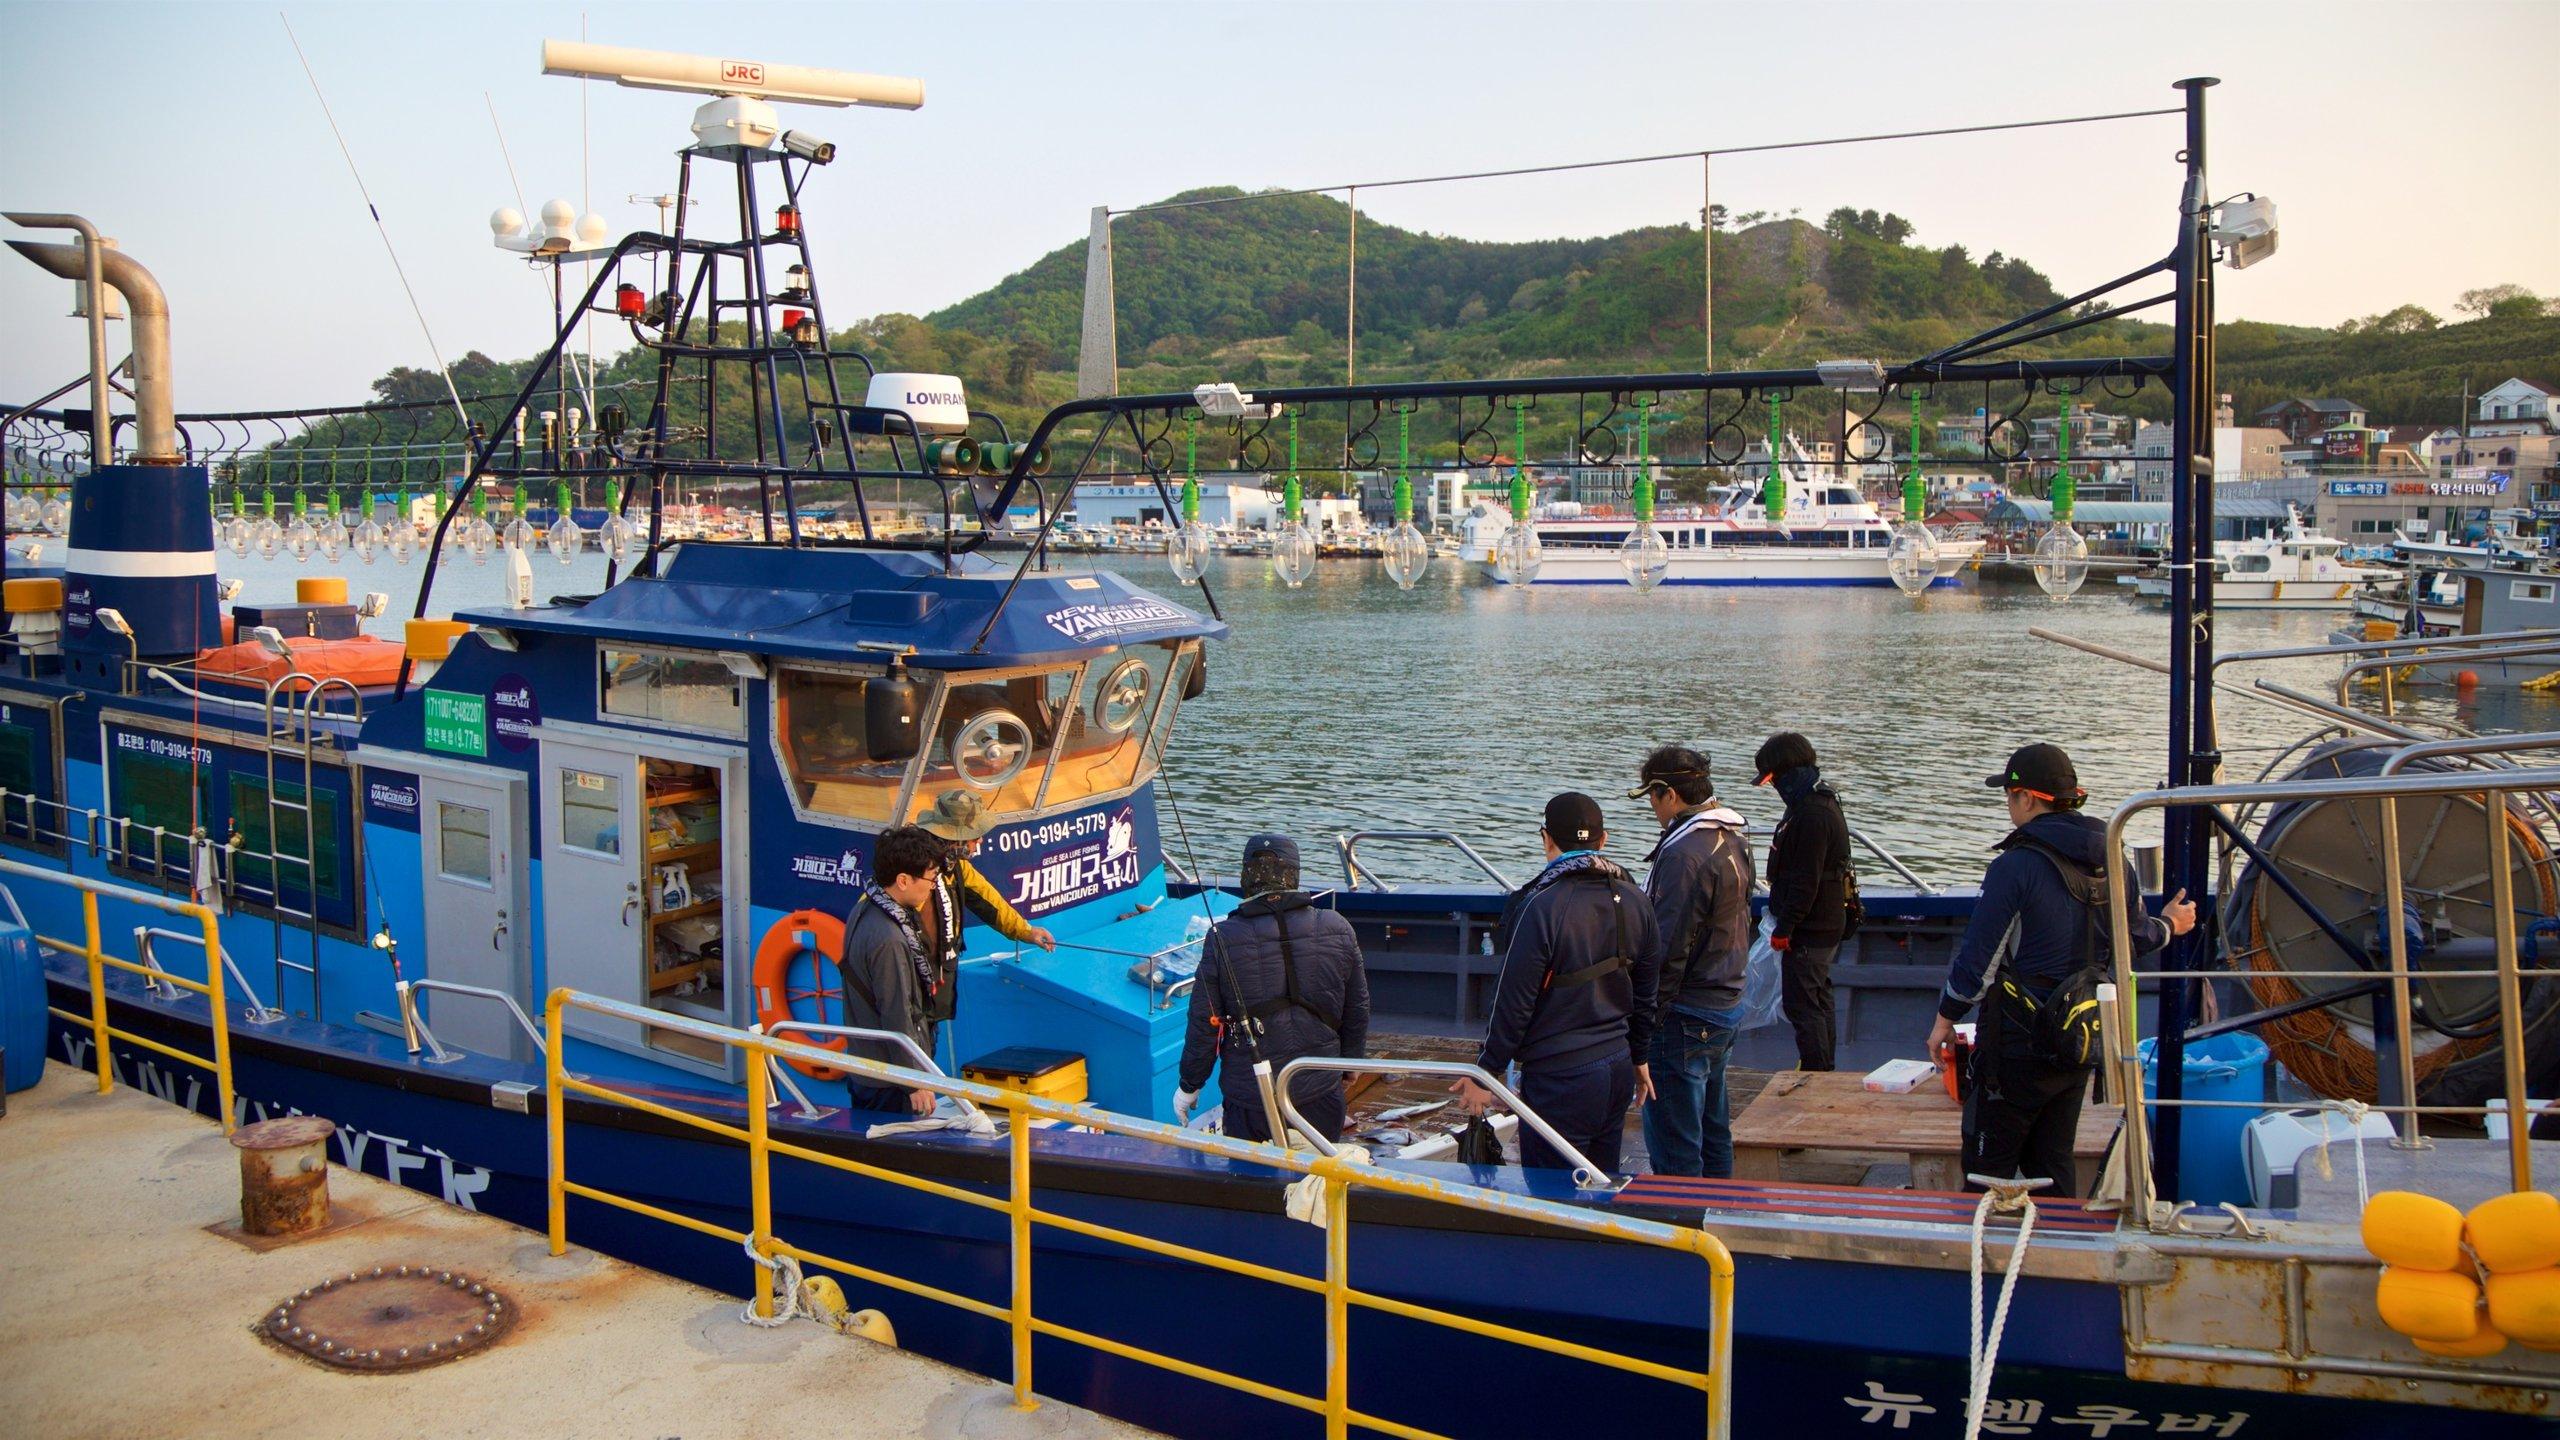 Irun-myeon, Geoje, South Gyeongsang, South Korea